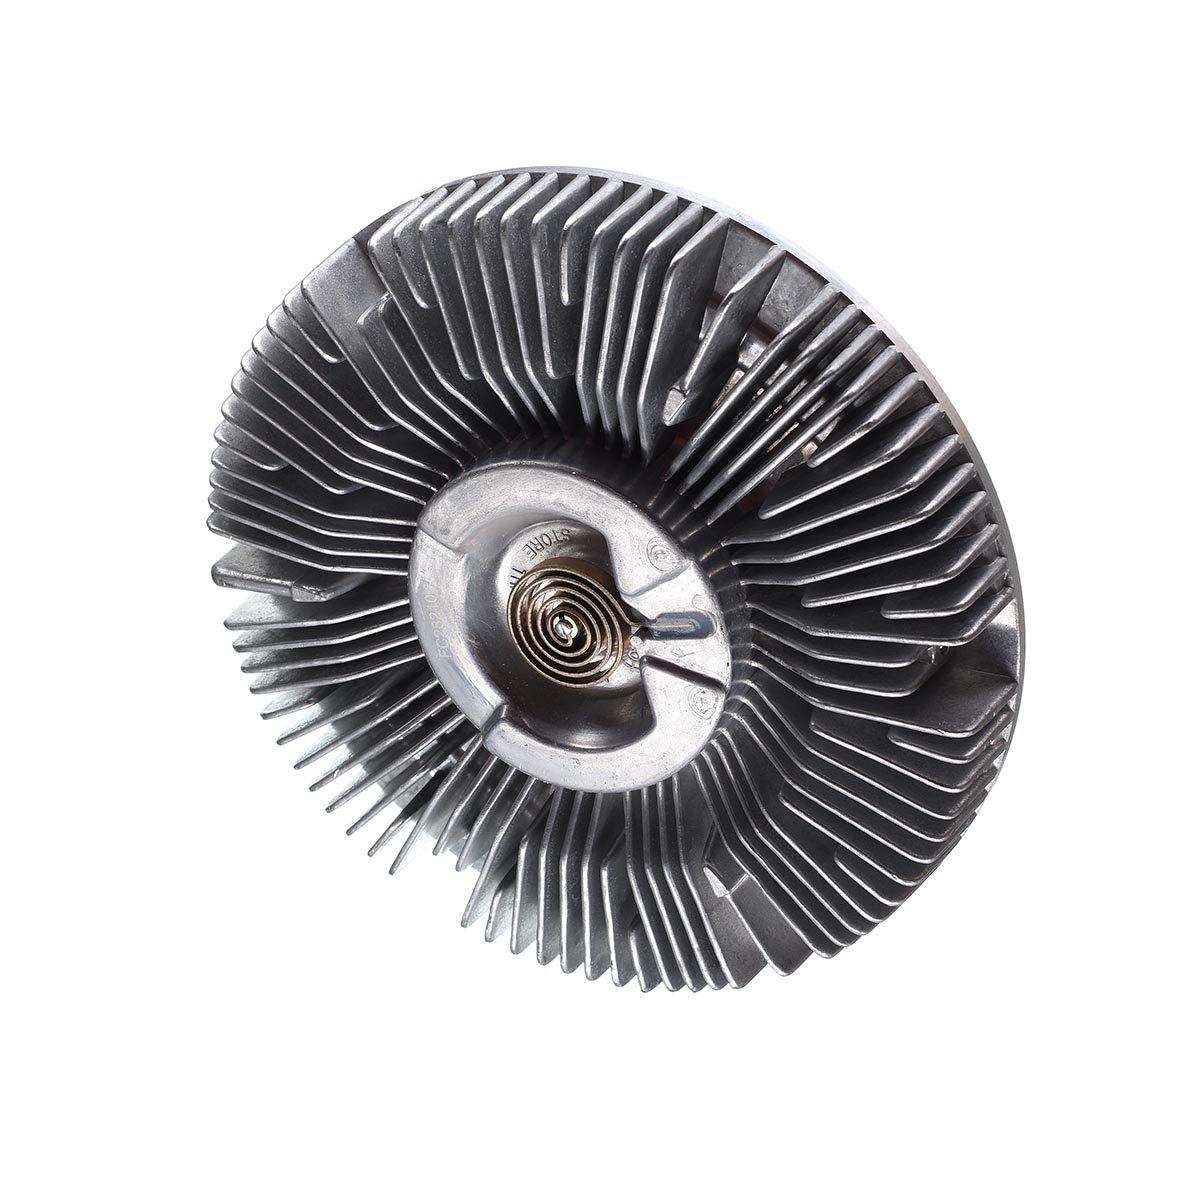 Cooling Fan Clutch for Dodge Ram 2500 3500 2003 V10 8.0L OHV